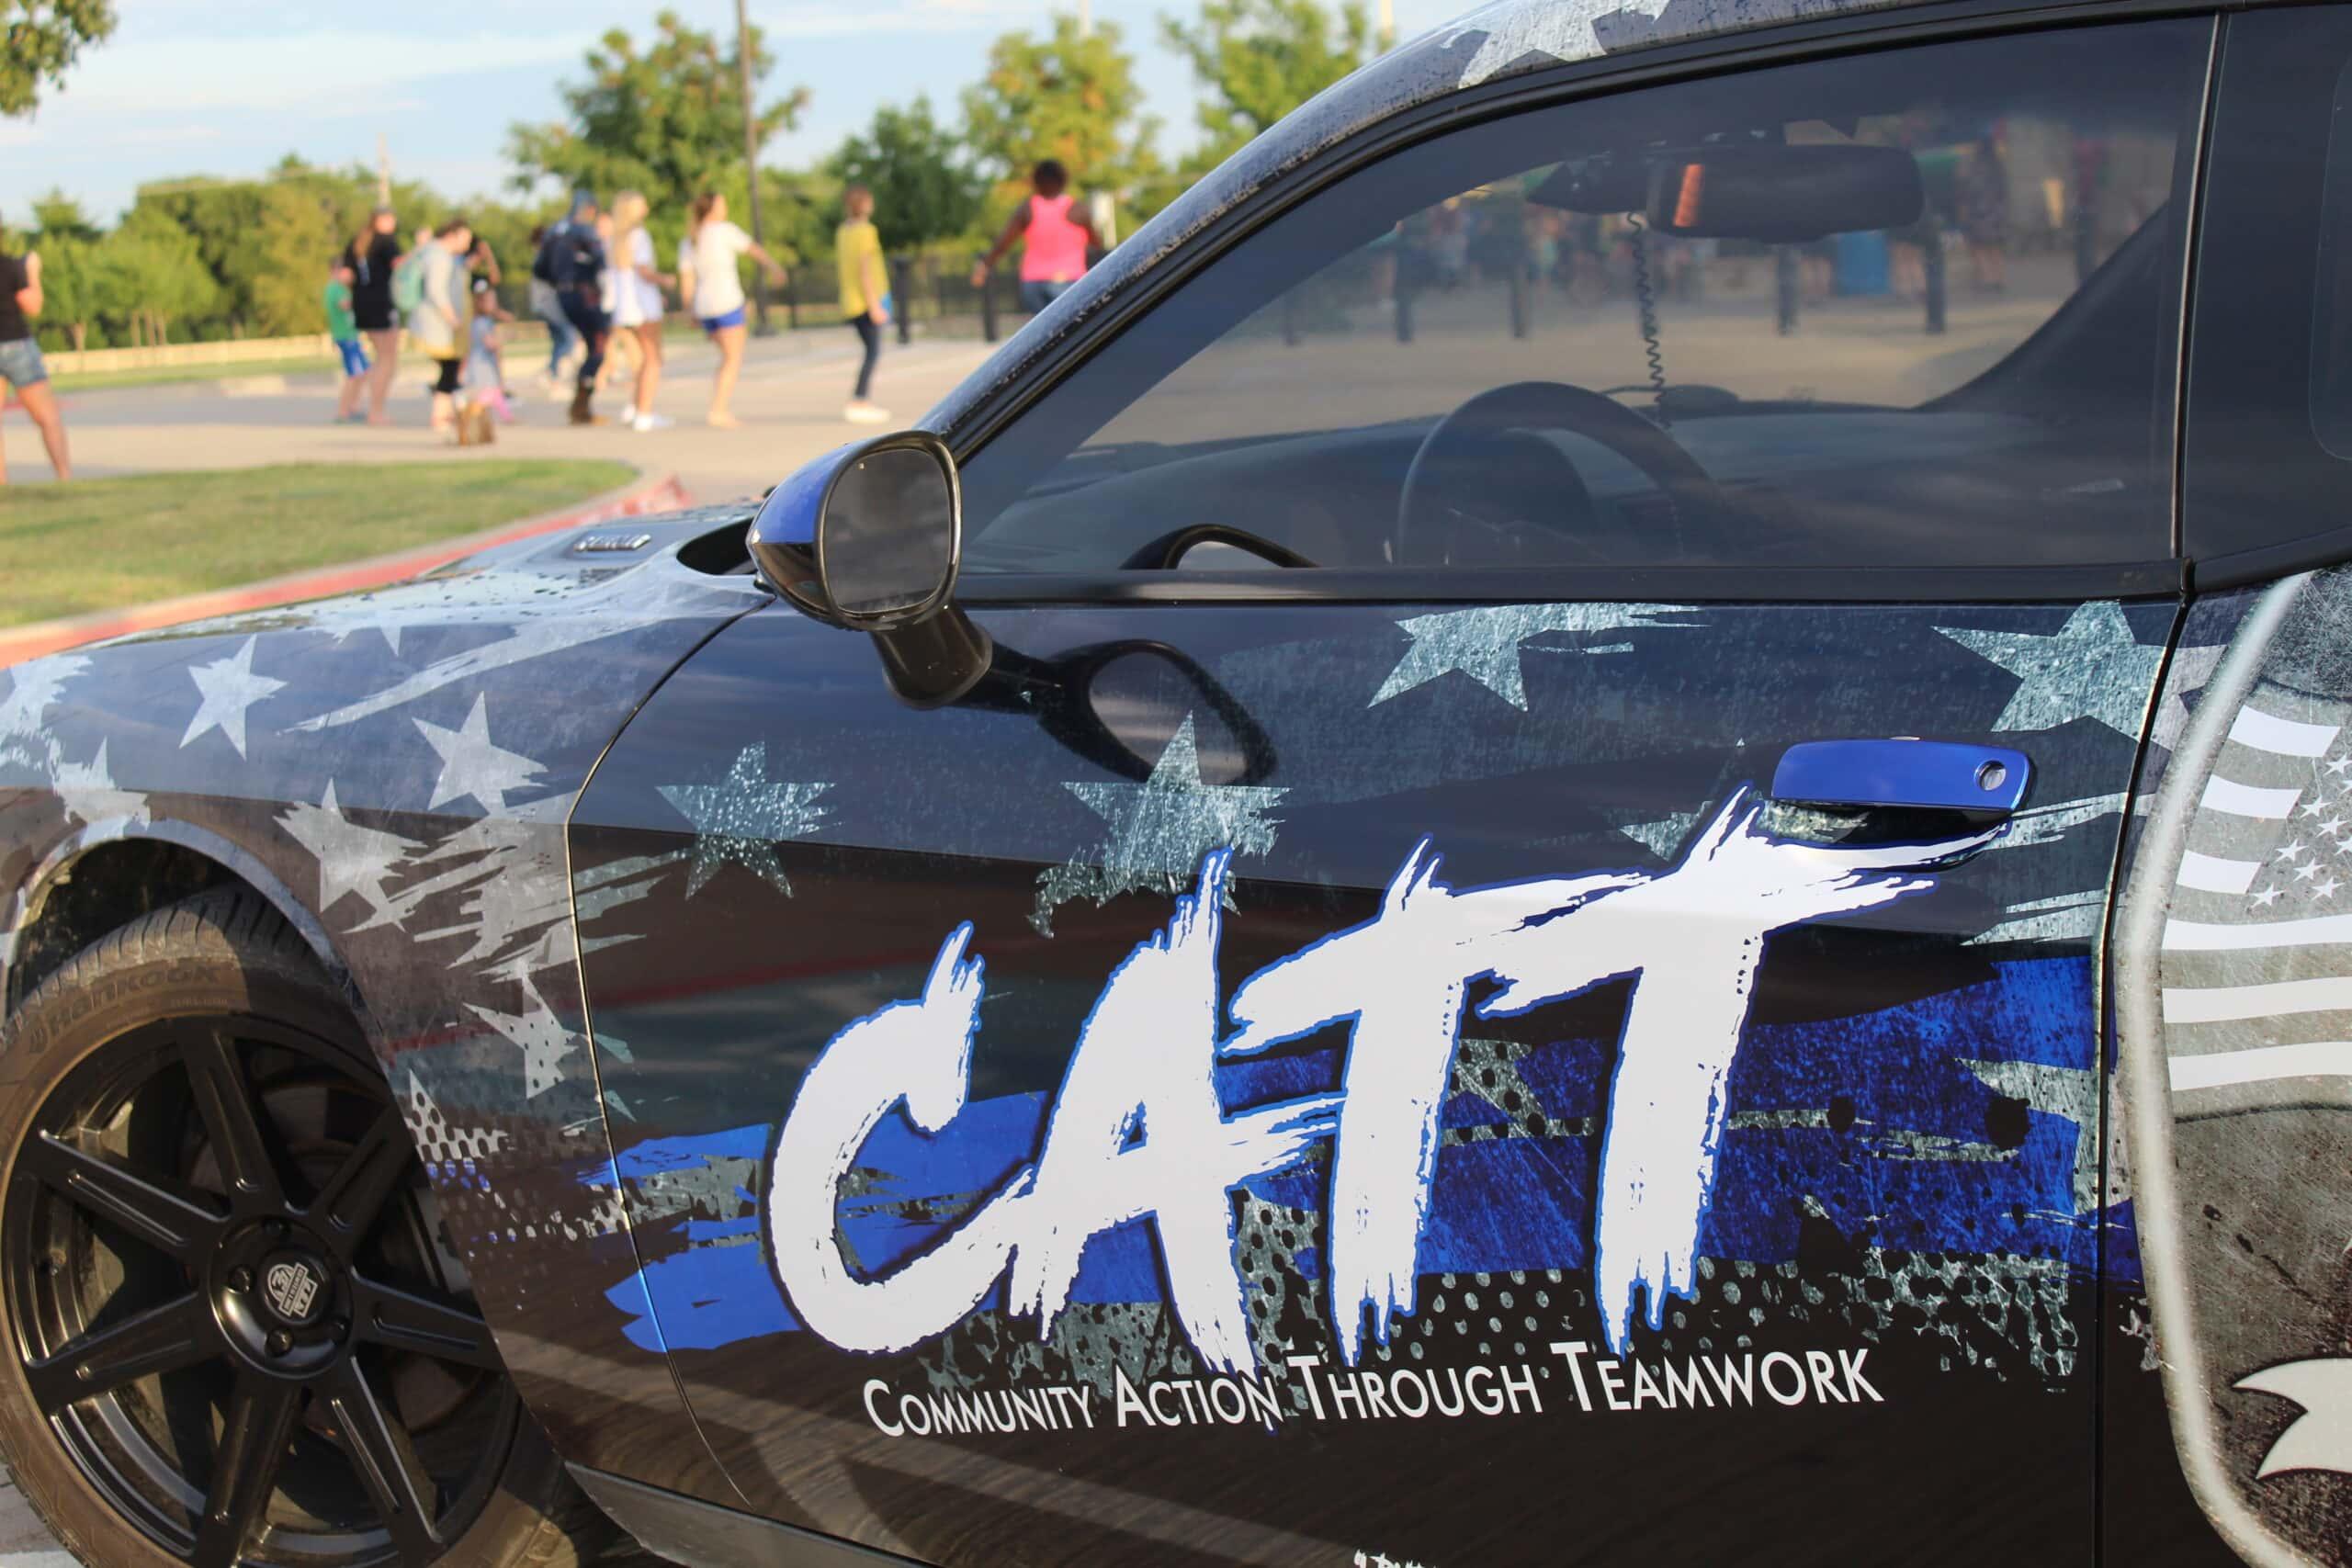 Midlothian CATT police car